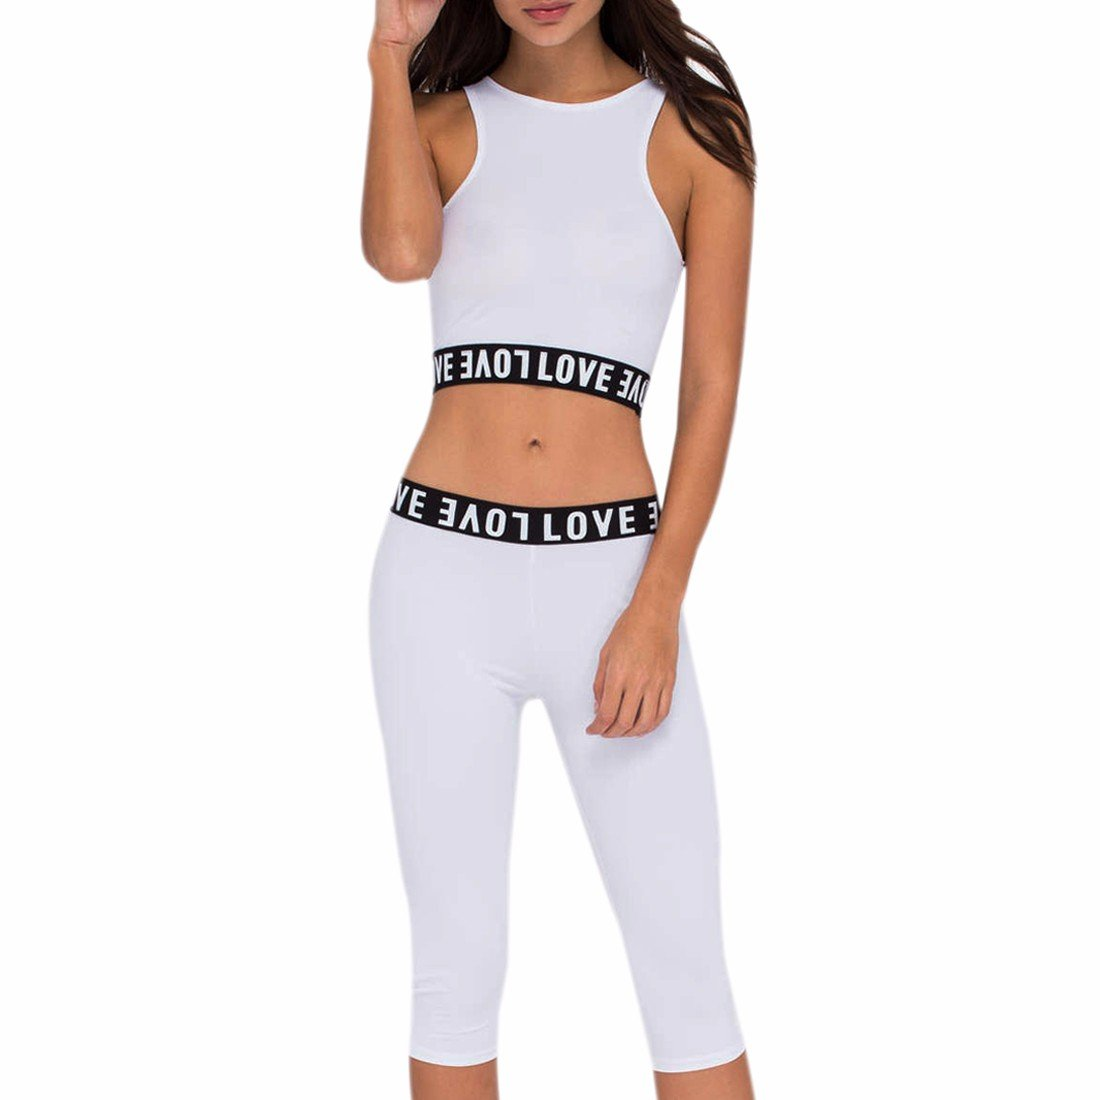 Women'S 2Pcs Tracksuit Bra + Pants Sets Sports Casual Suit Crop Top Yoga Fitness